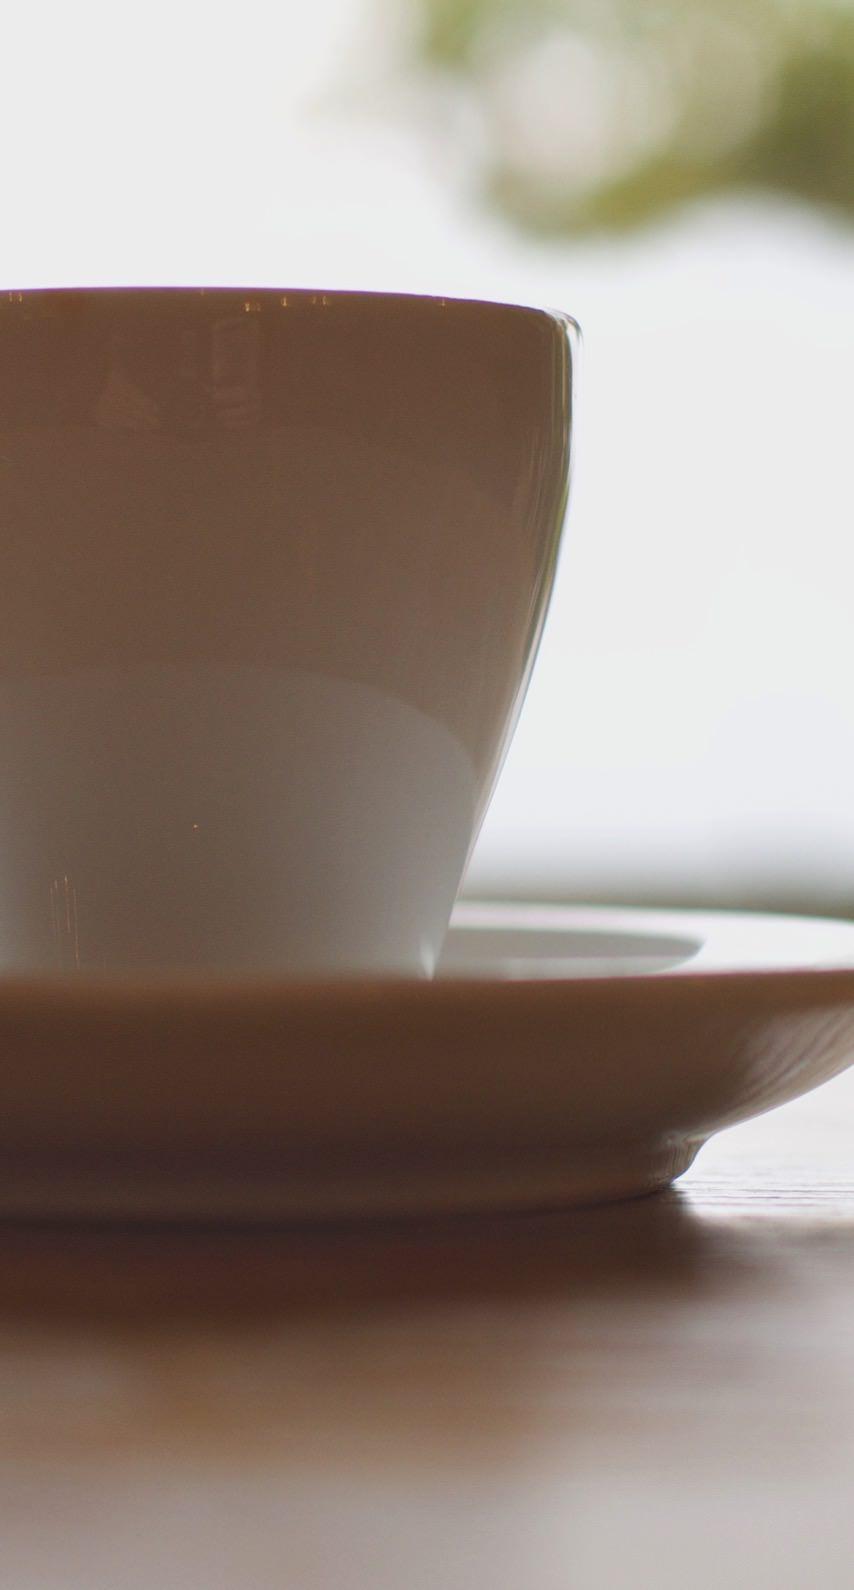 インテリアコーヒーカップ Wallpaper Sc Iphone8壁紙